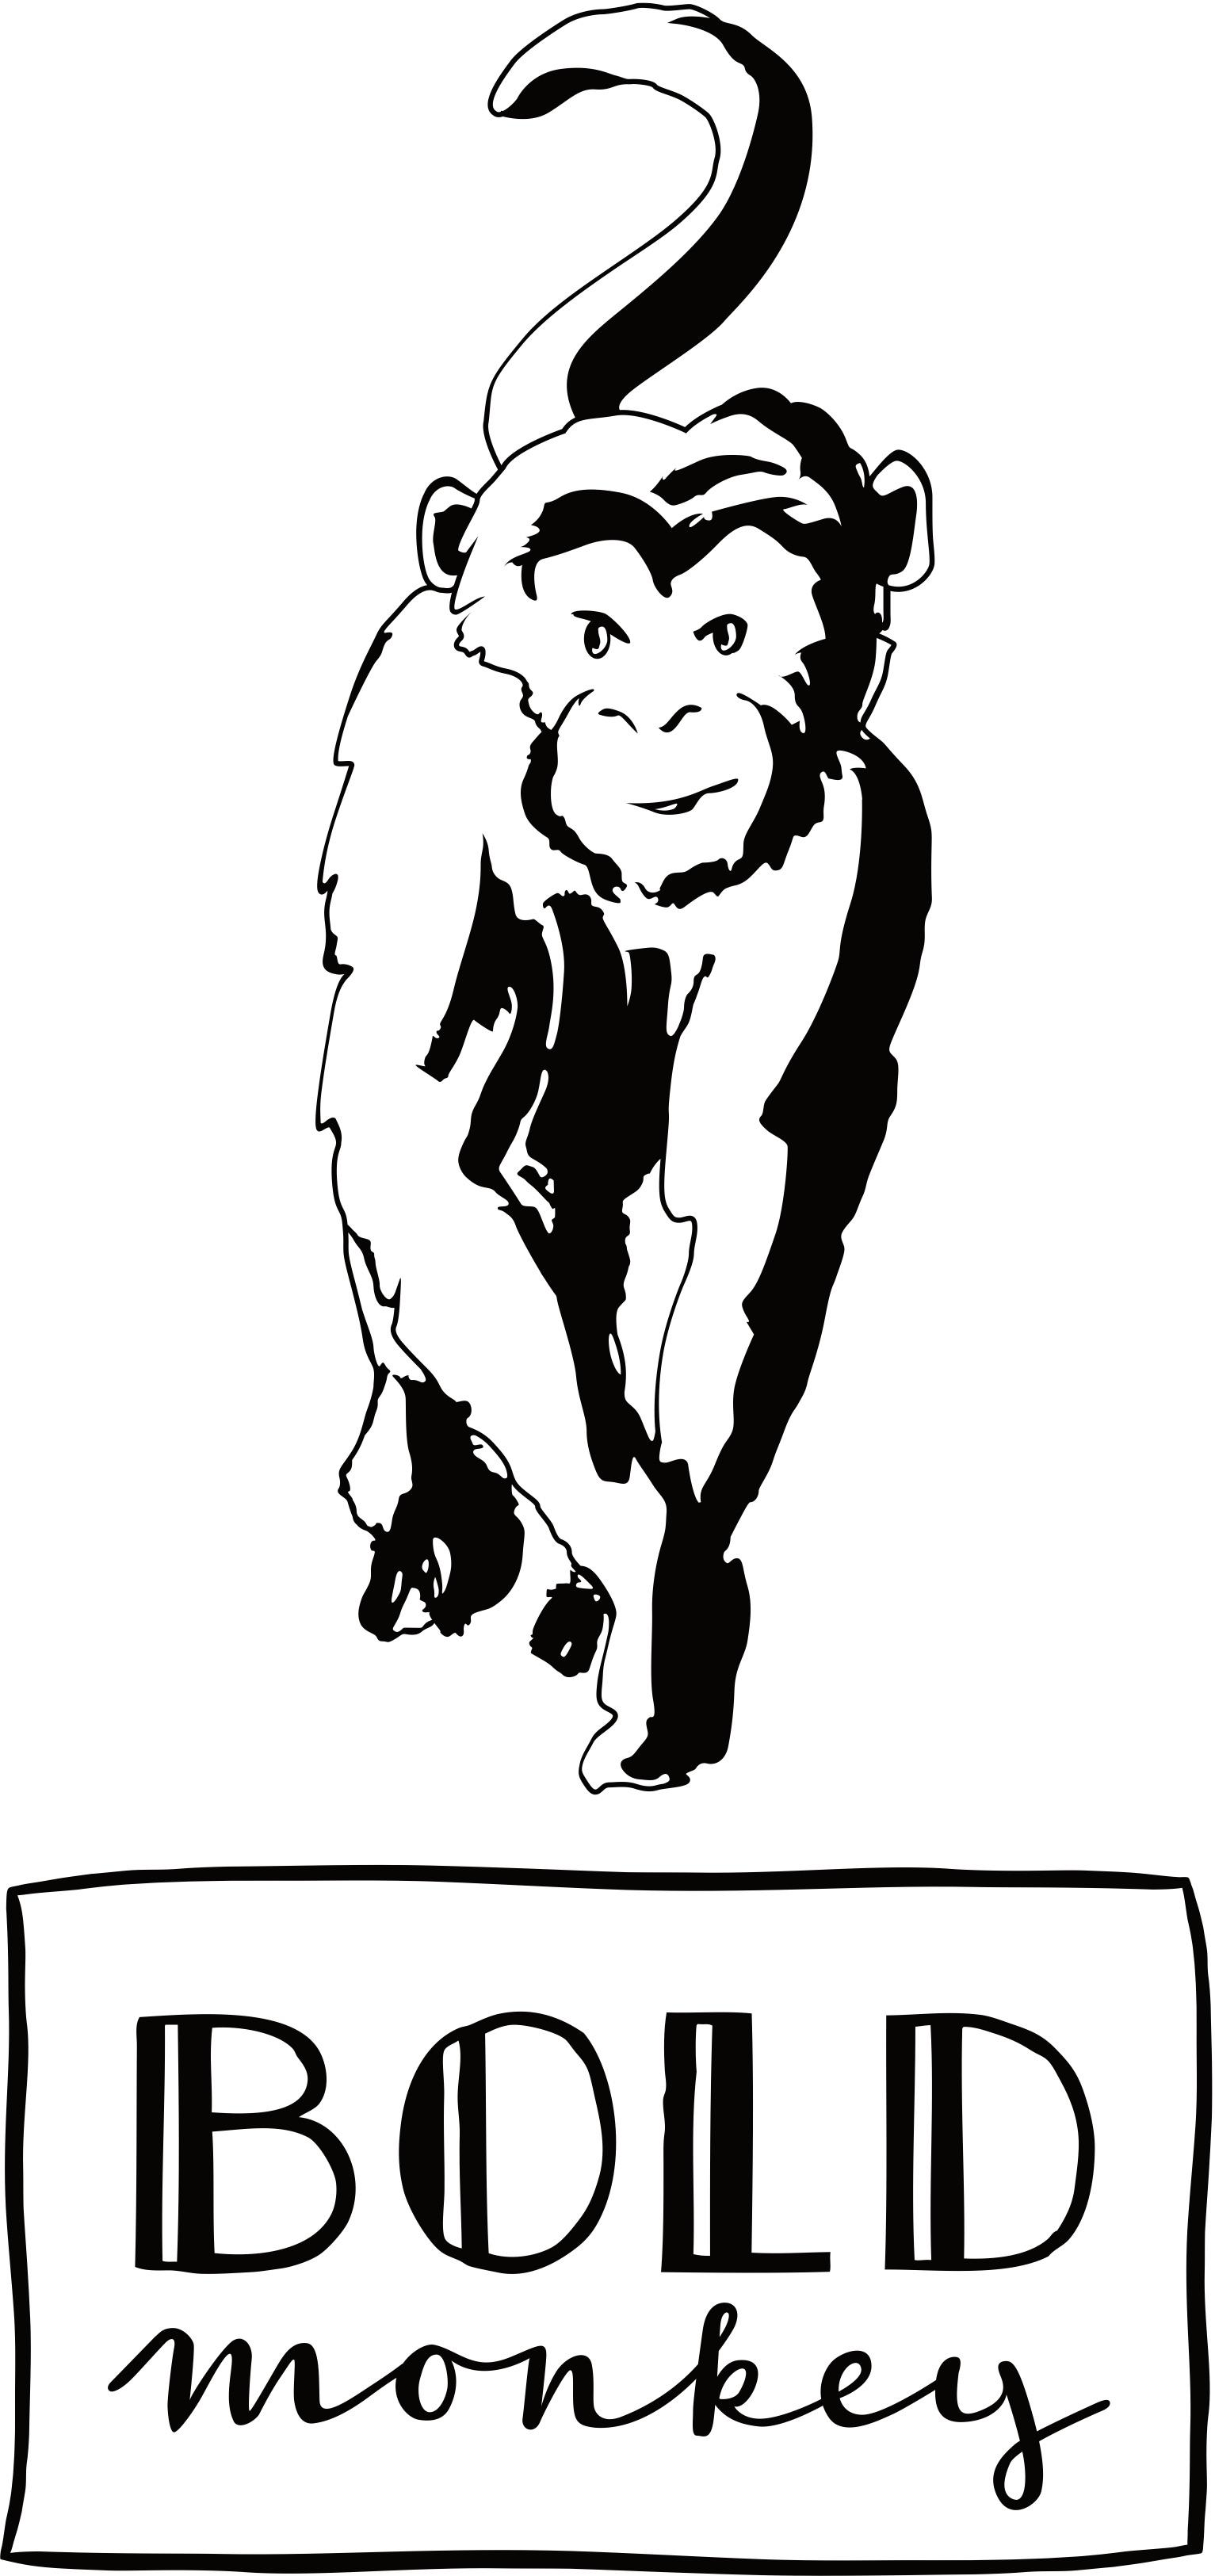 Bold Monkey i am not a macaron poef velvet blauw gouden poten vooraanzicht